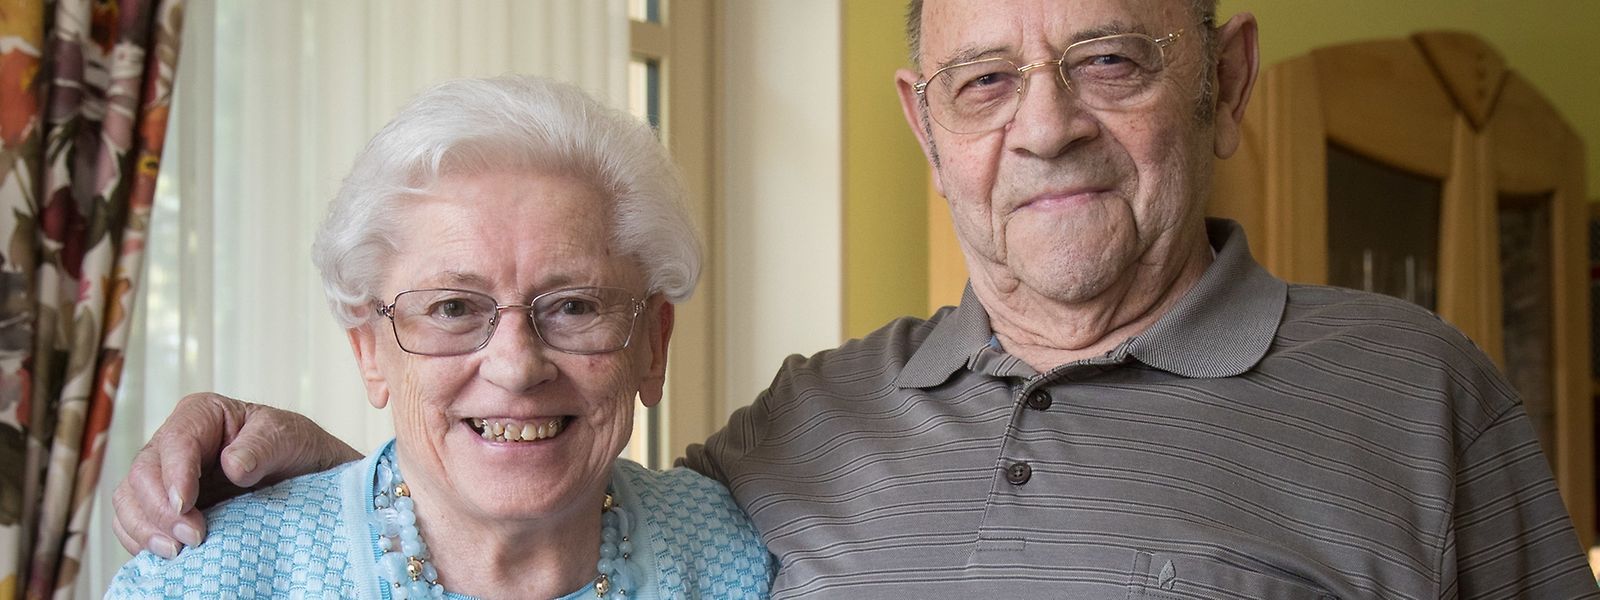 Mehr als ein halbes Jahrhundert verbringen die 87-jährige Jeanny und der 86-jährige Josy Thull-Debra nun schon Seite an Seite.